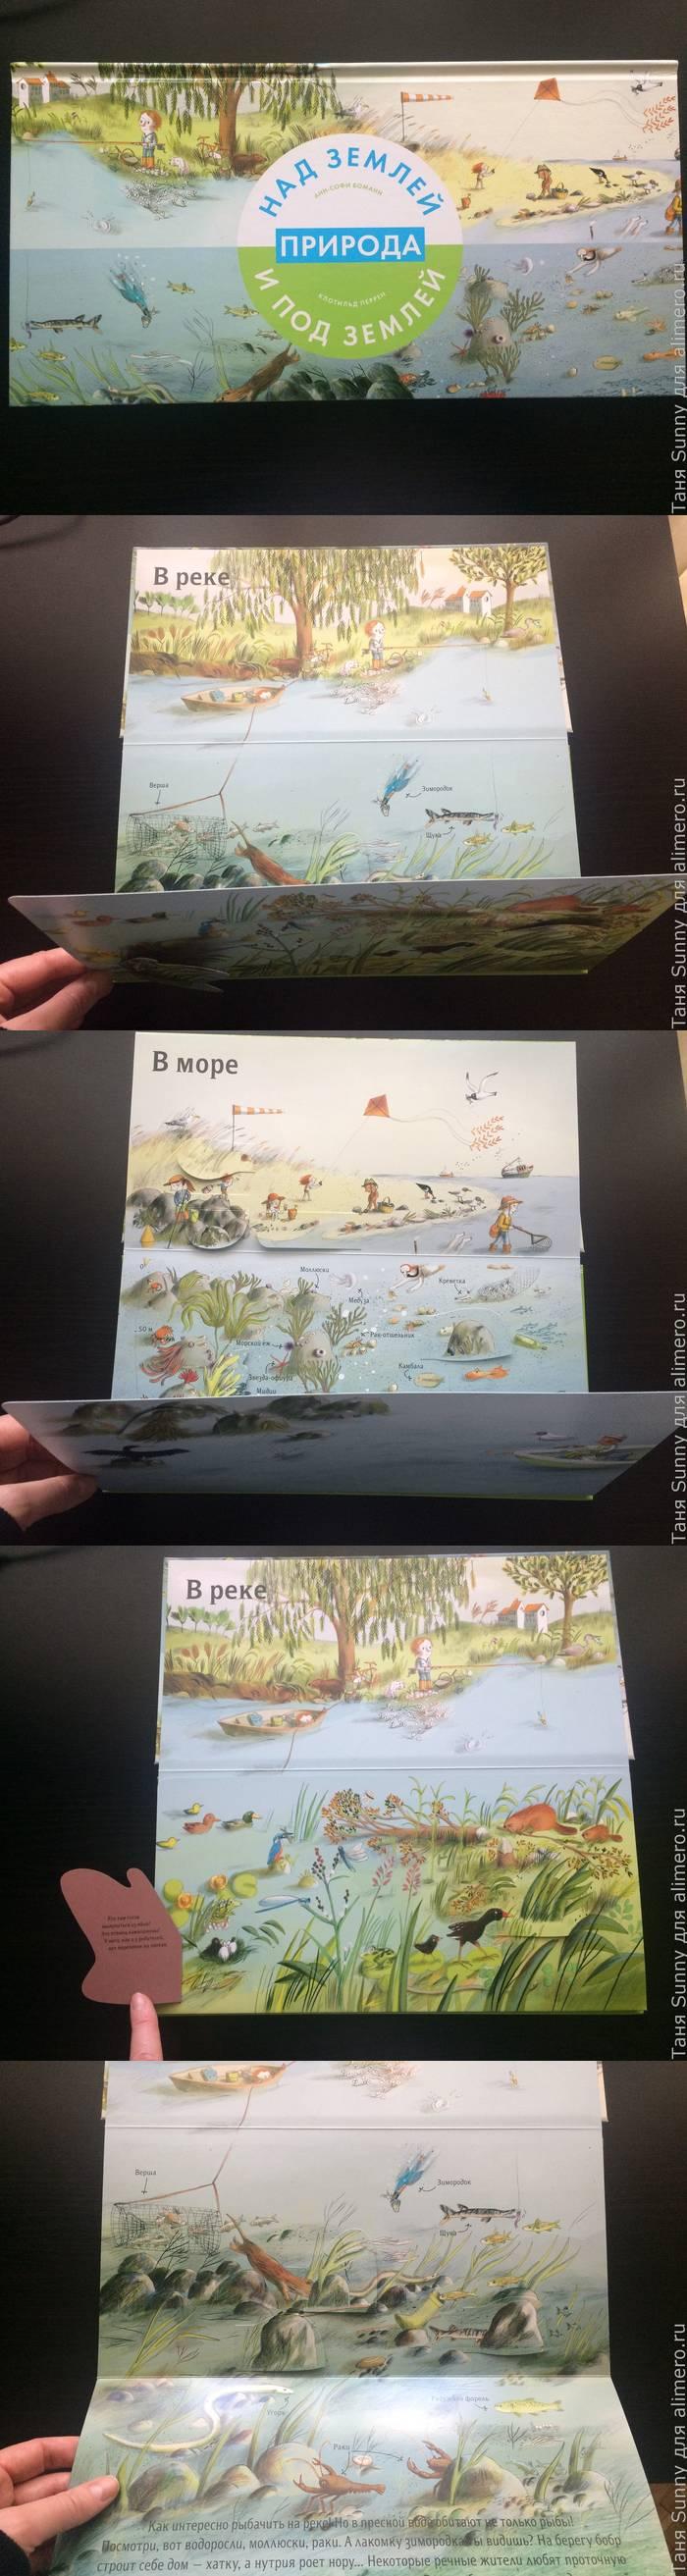 """Книга """"Природа над землей и под землёй"""", обзор"""